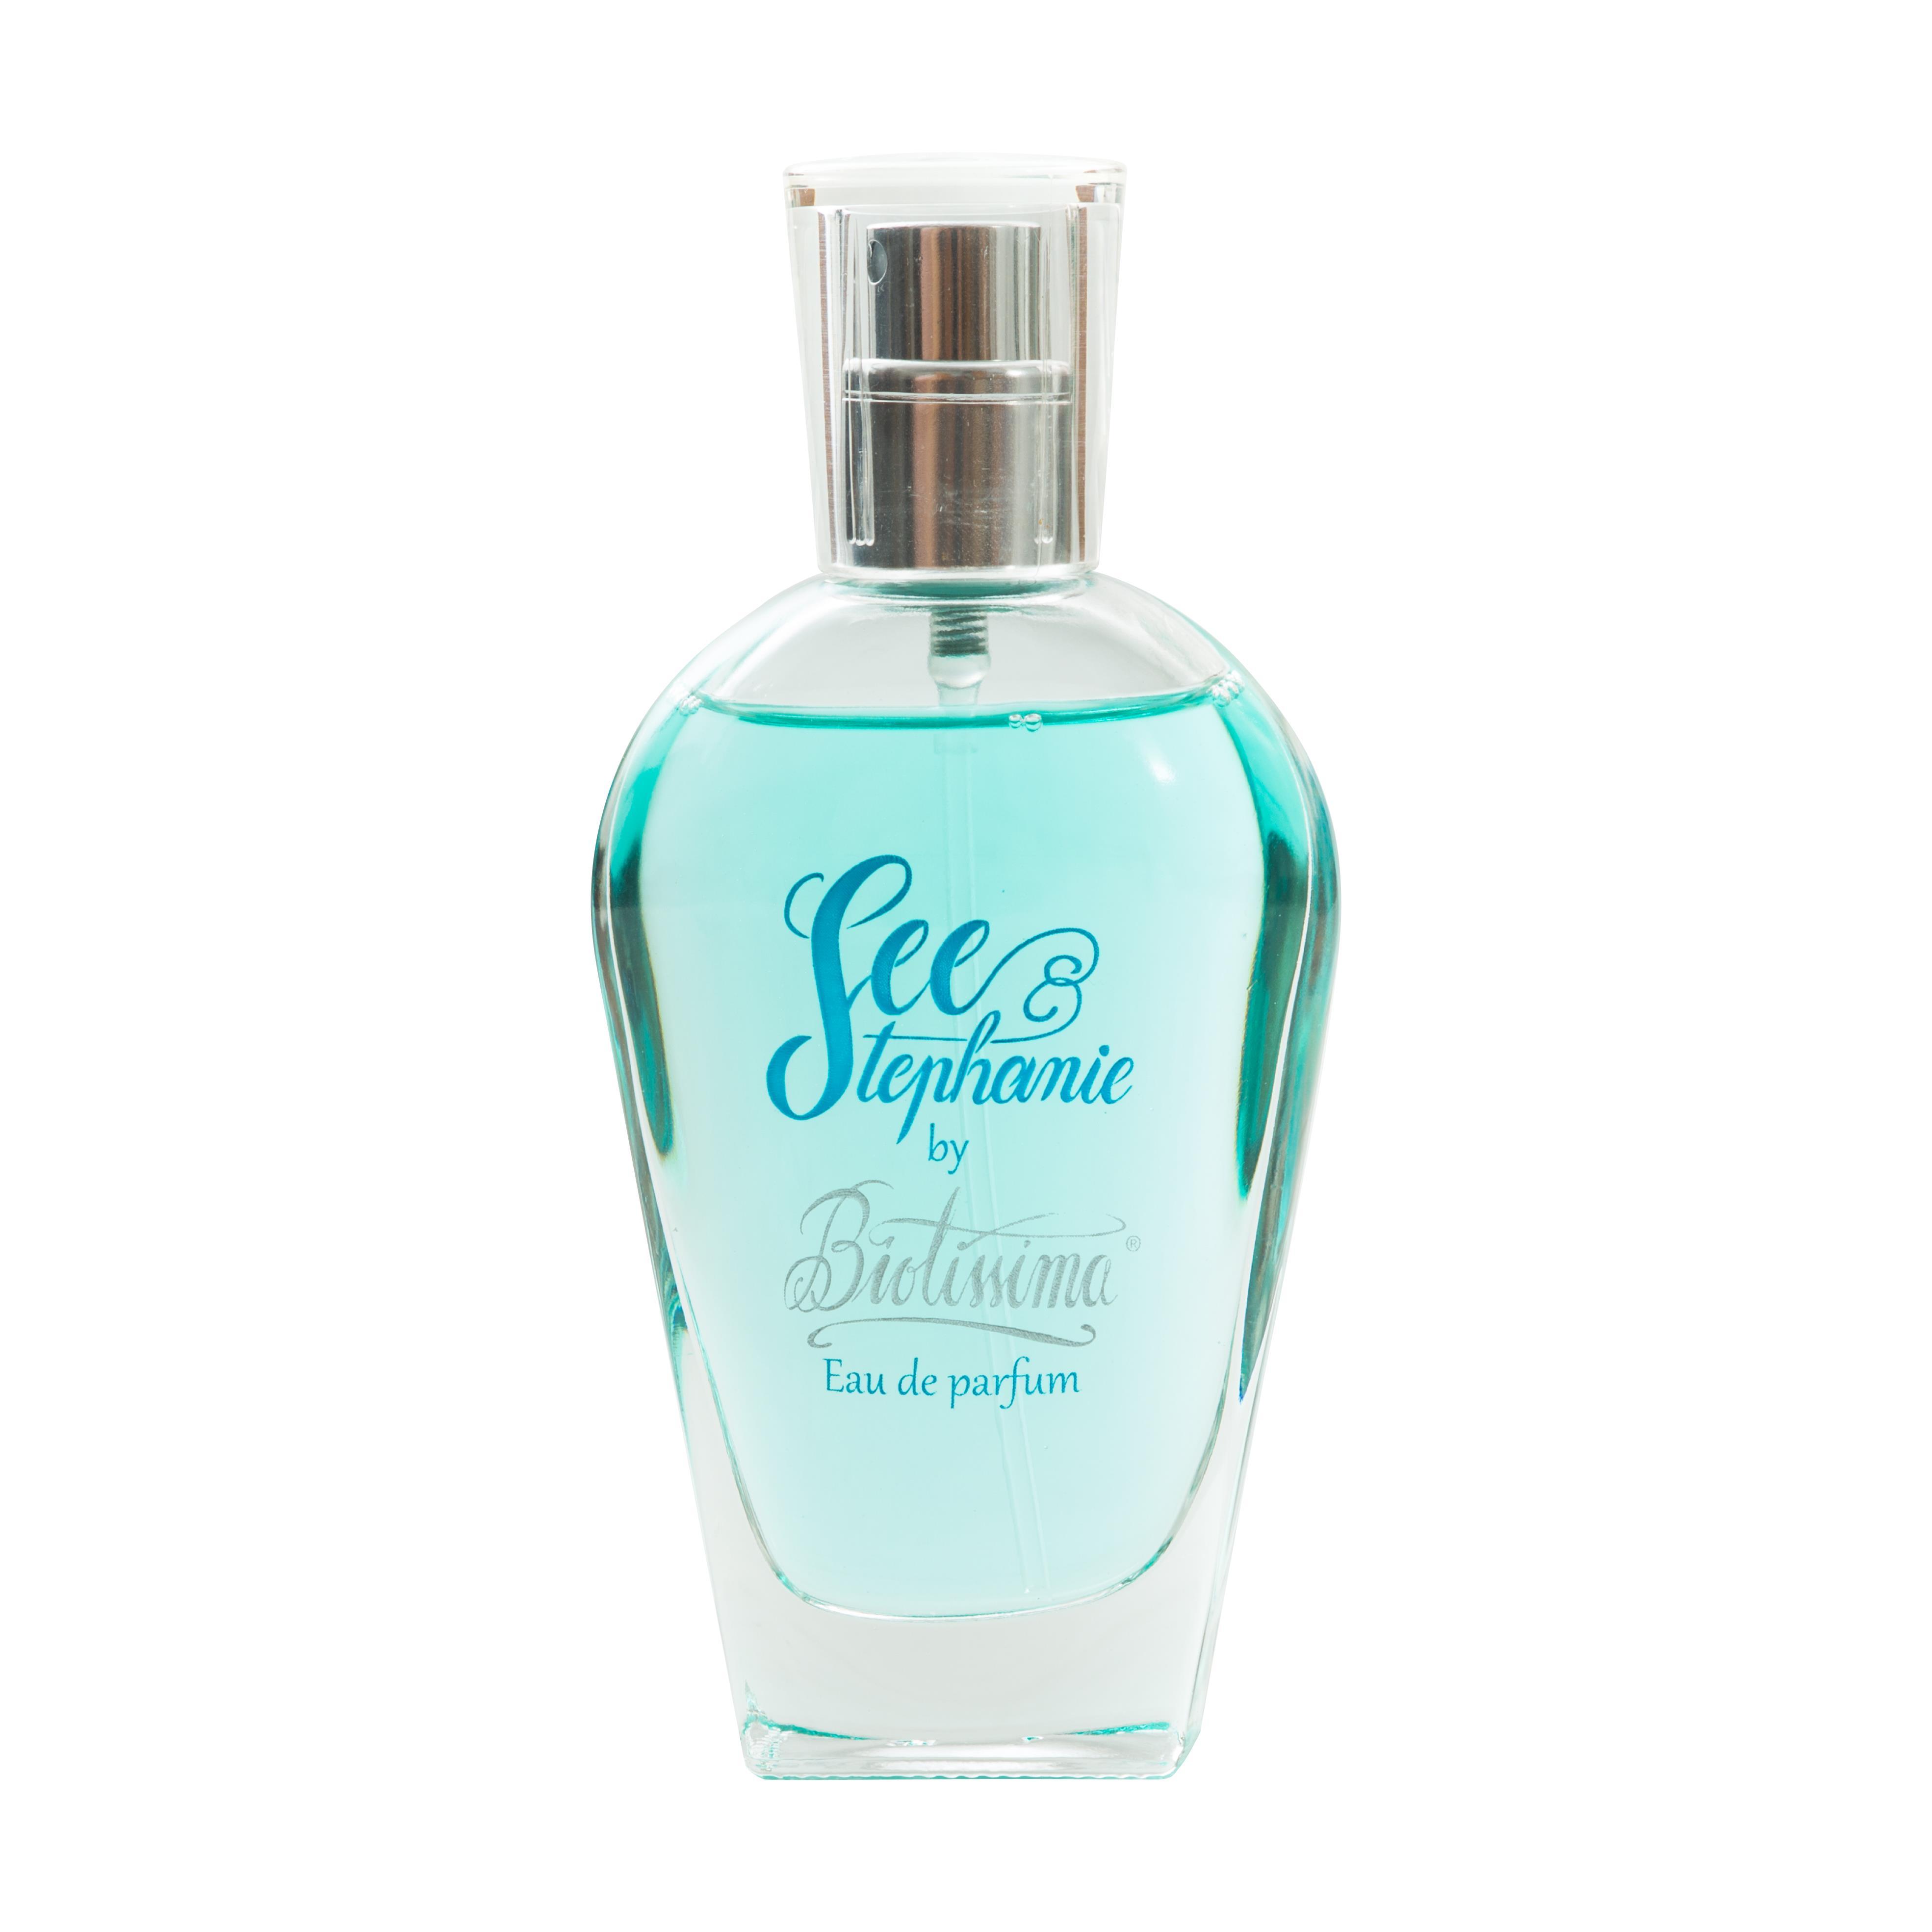 fogyókúrás parfüm)